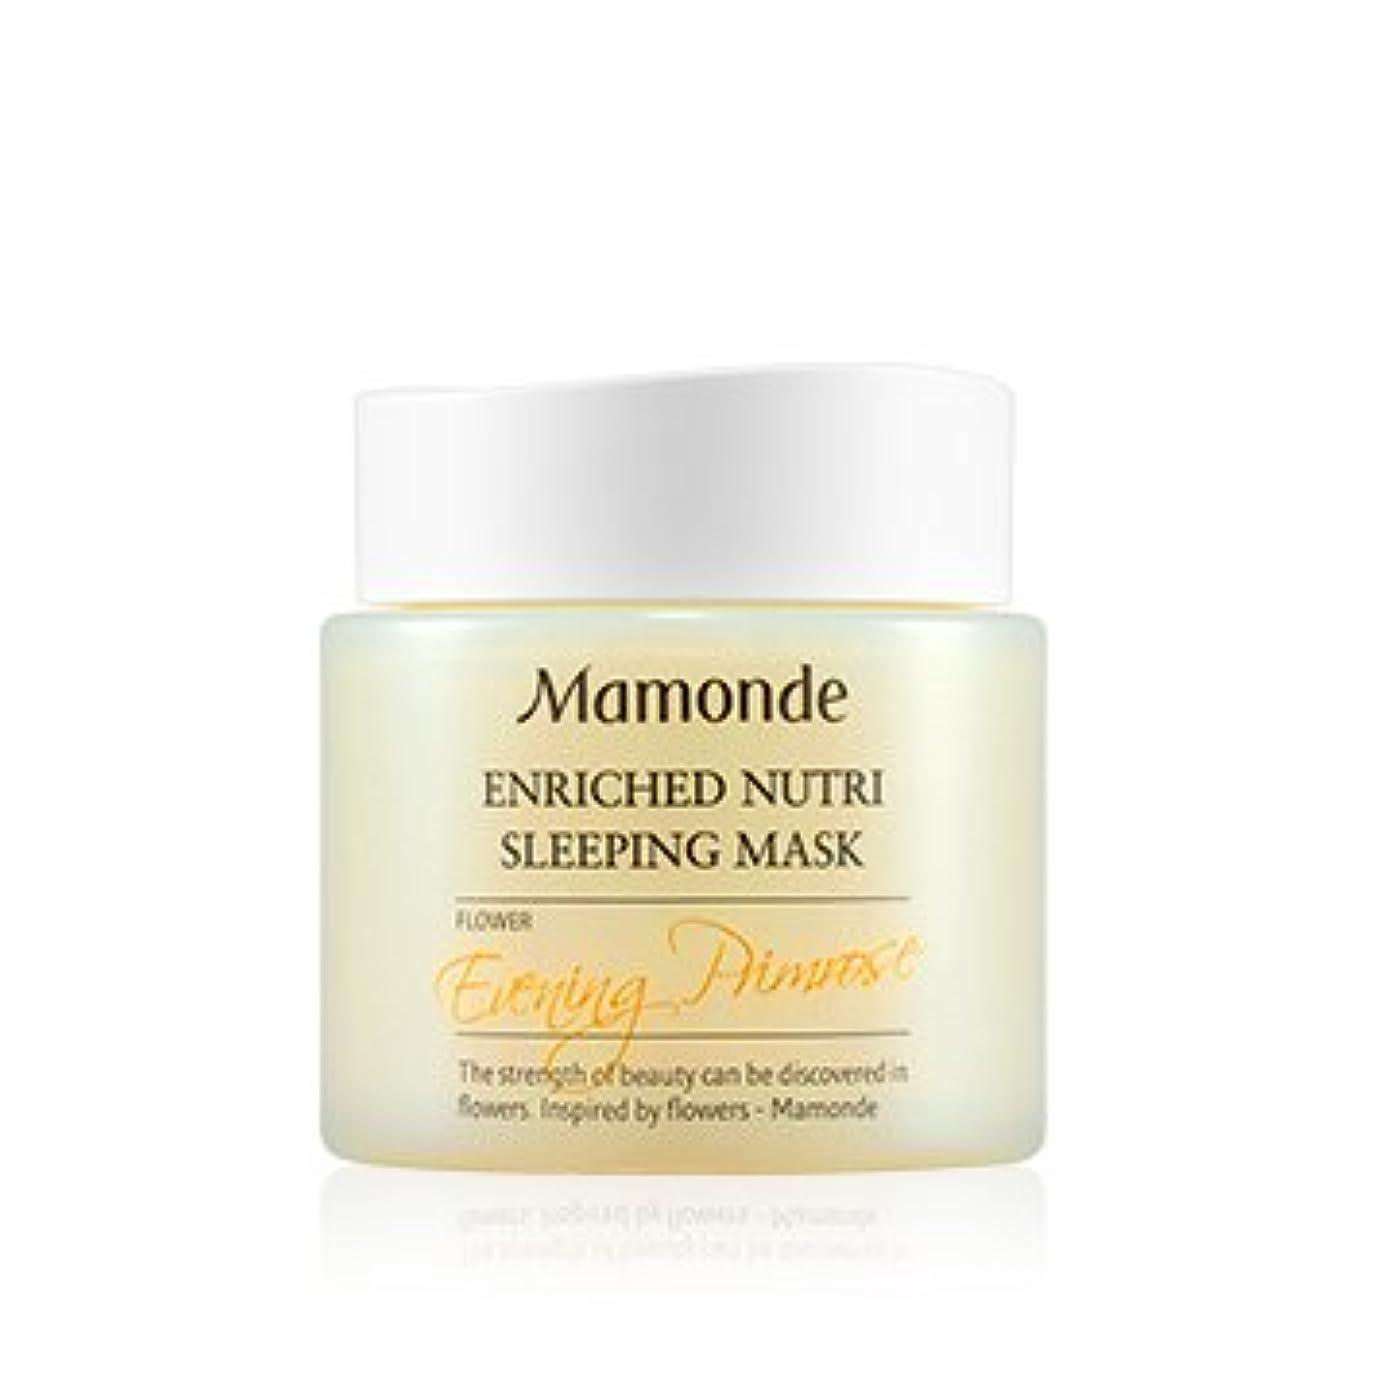 カーフラベ生きる[New] Mamonde Enriched Nutri Sleeping Mask 100ml/マモンド エンリッチド ニュートリ スリーピング マスク 100ml [並行輸入品]